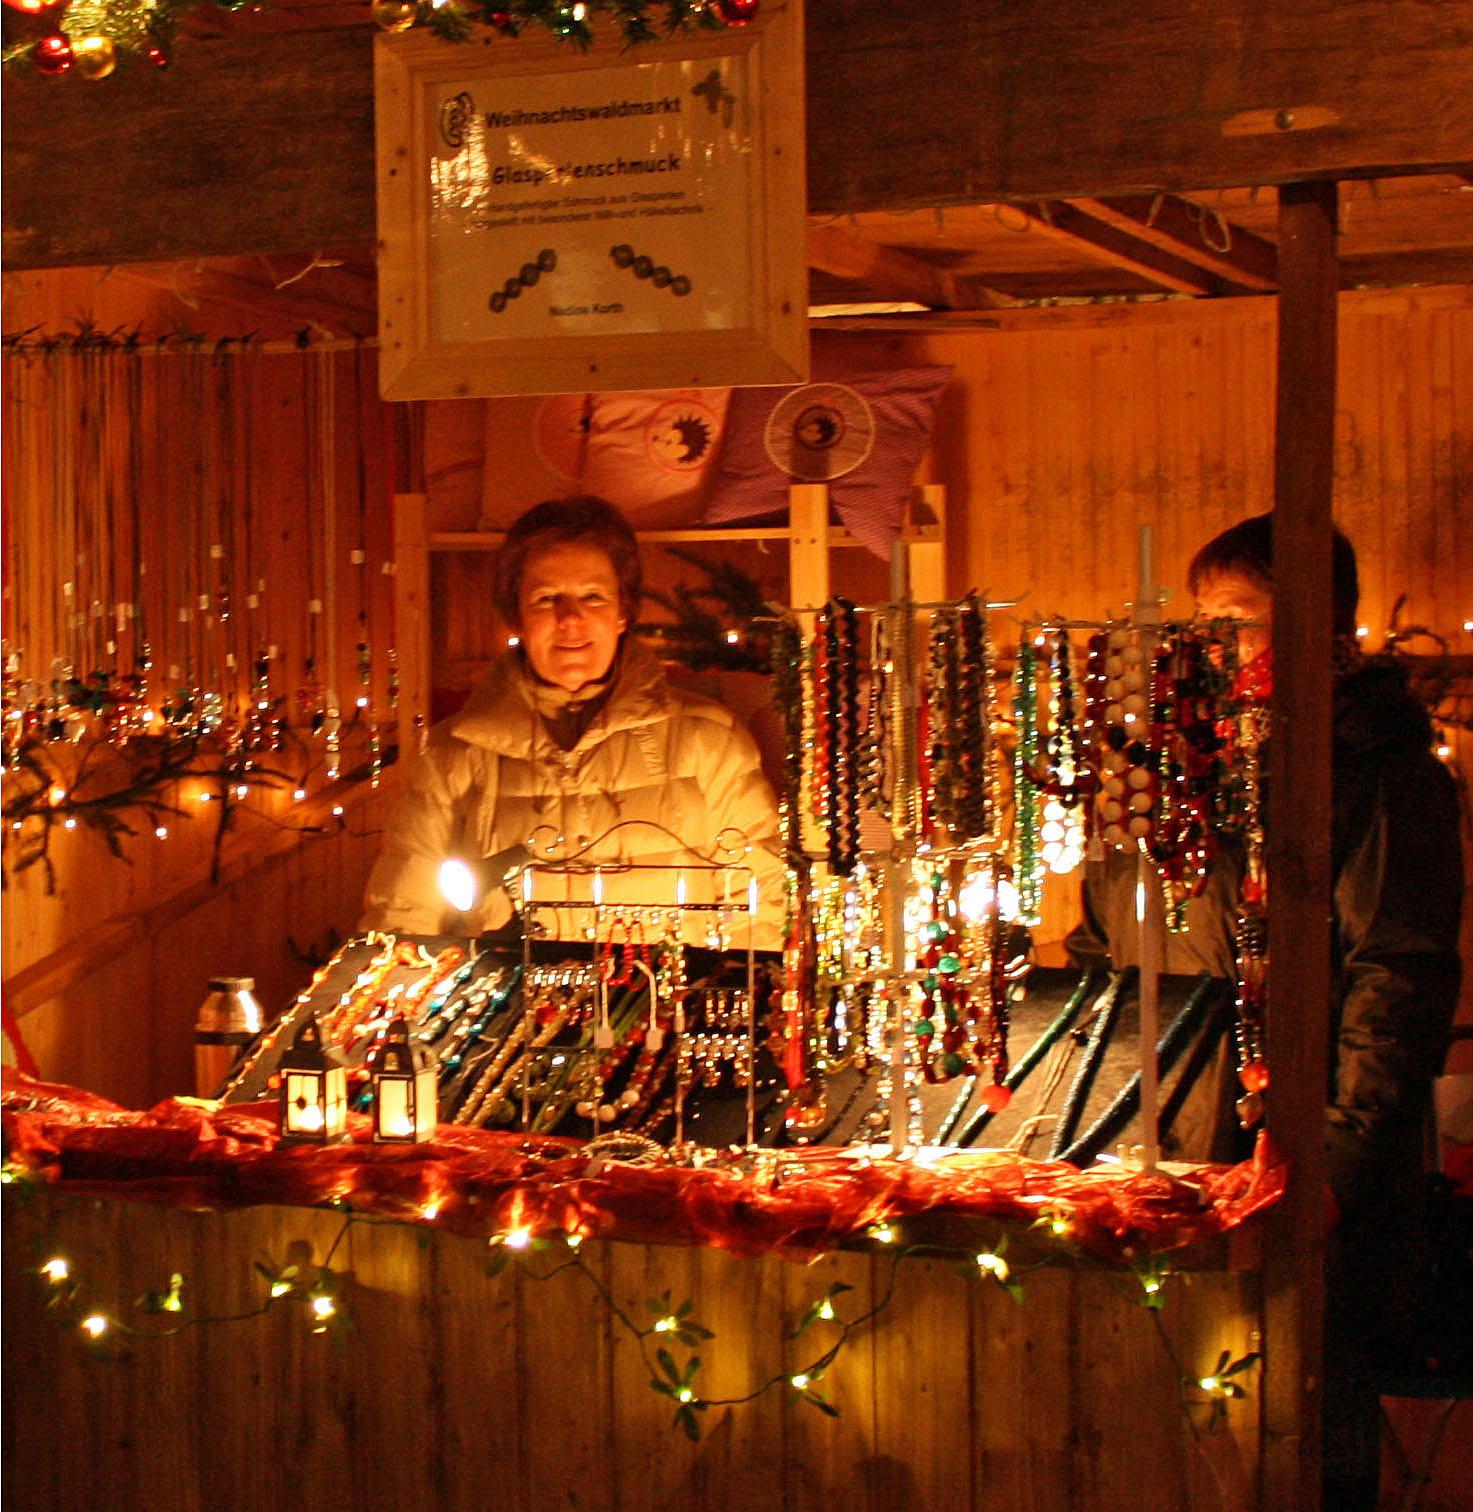 2013.12.04.Arnsberg.Weihnachtswaldmarkt.2